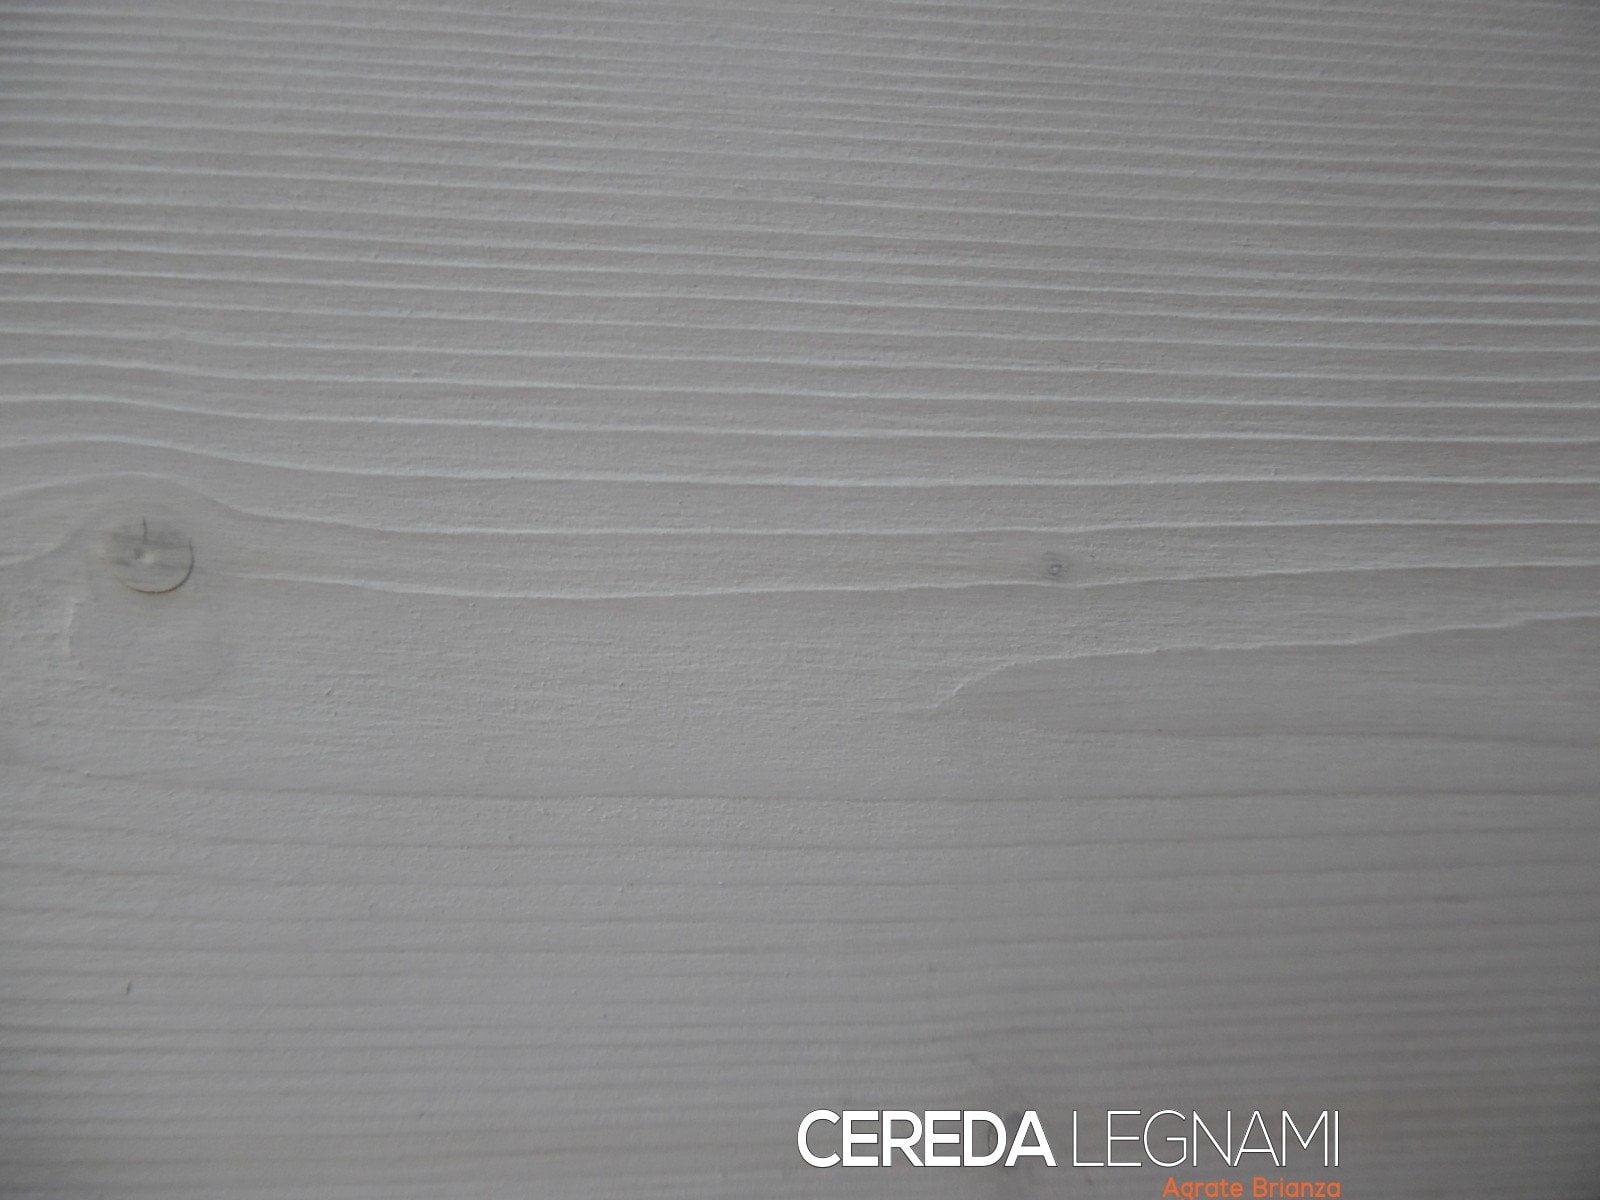 Perline legno bianche spazzolate o rusticata cereda for Cereda legnami